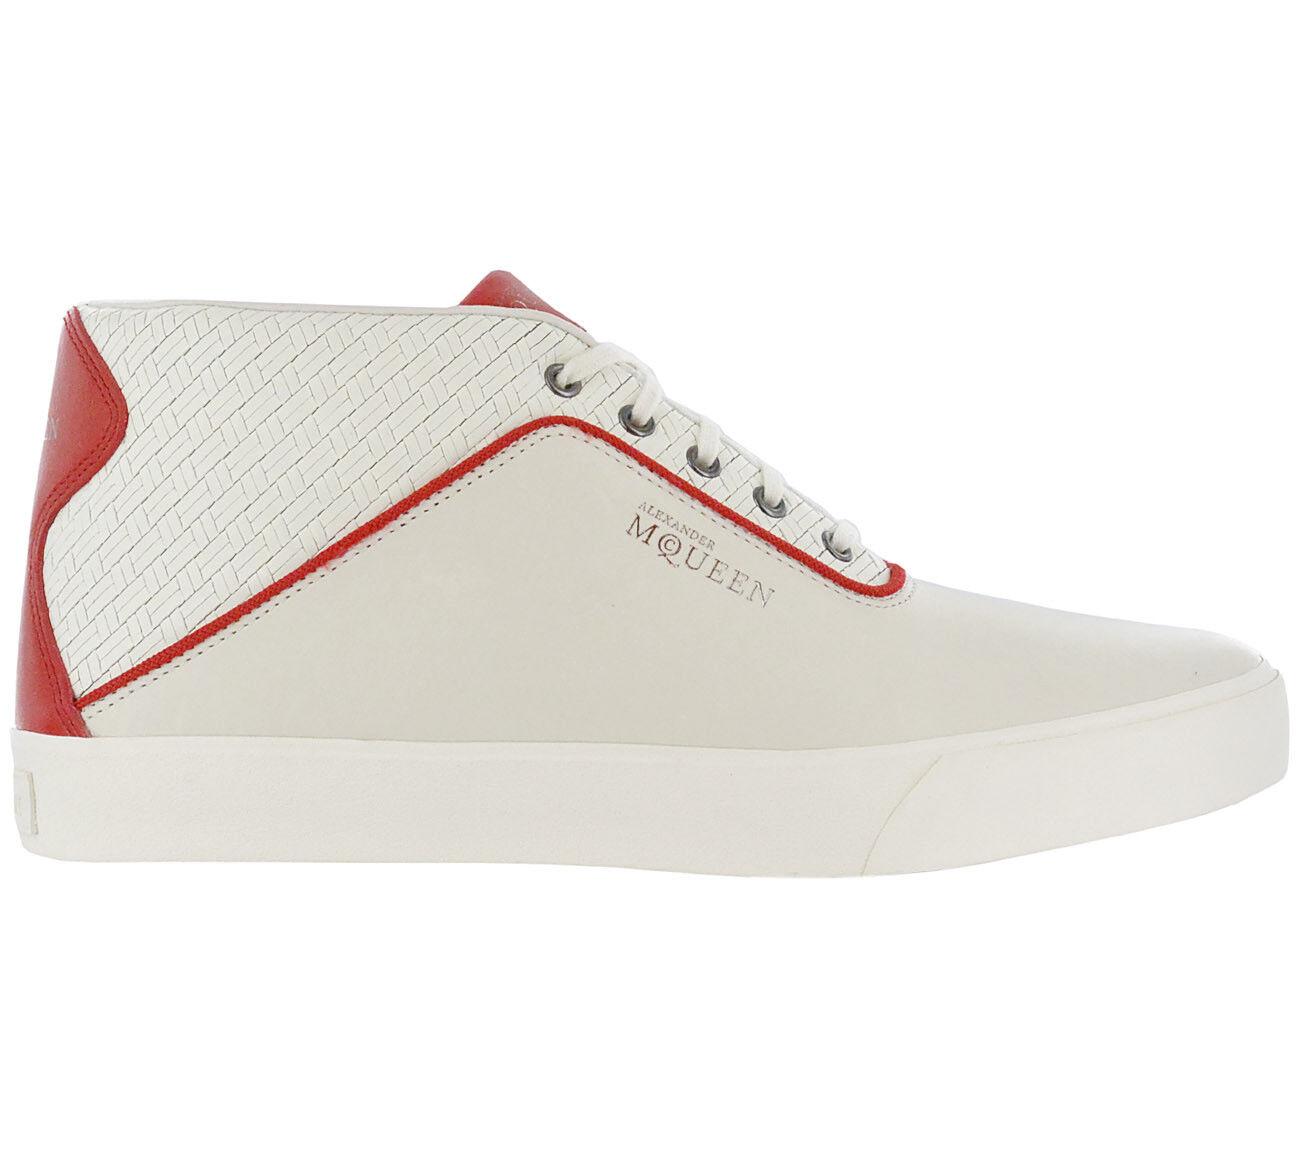 PUMA Grau Alexander McQueen AMQ Dek Mid II Sneaker Grau PUMA Herren Schuhe Leder NEU 302e44